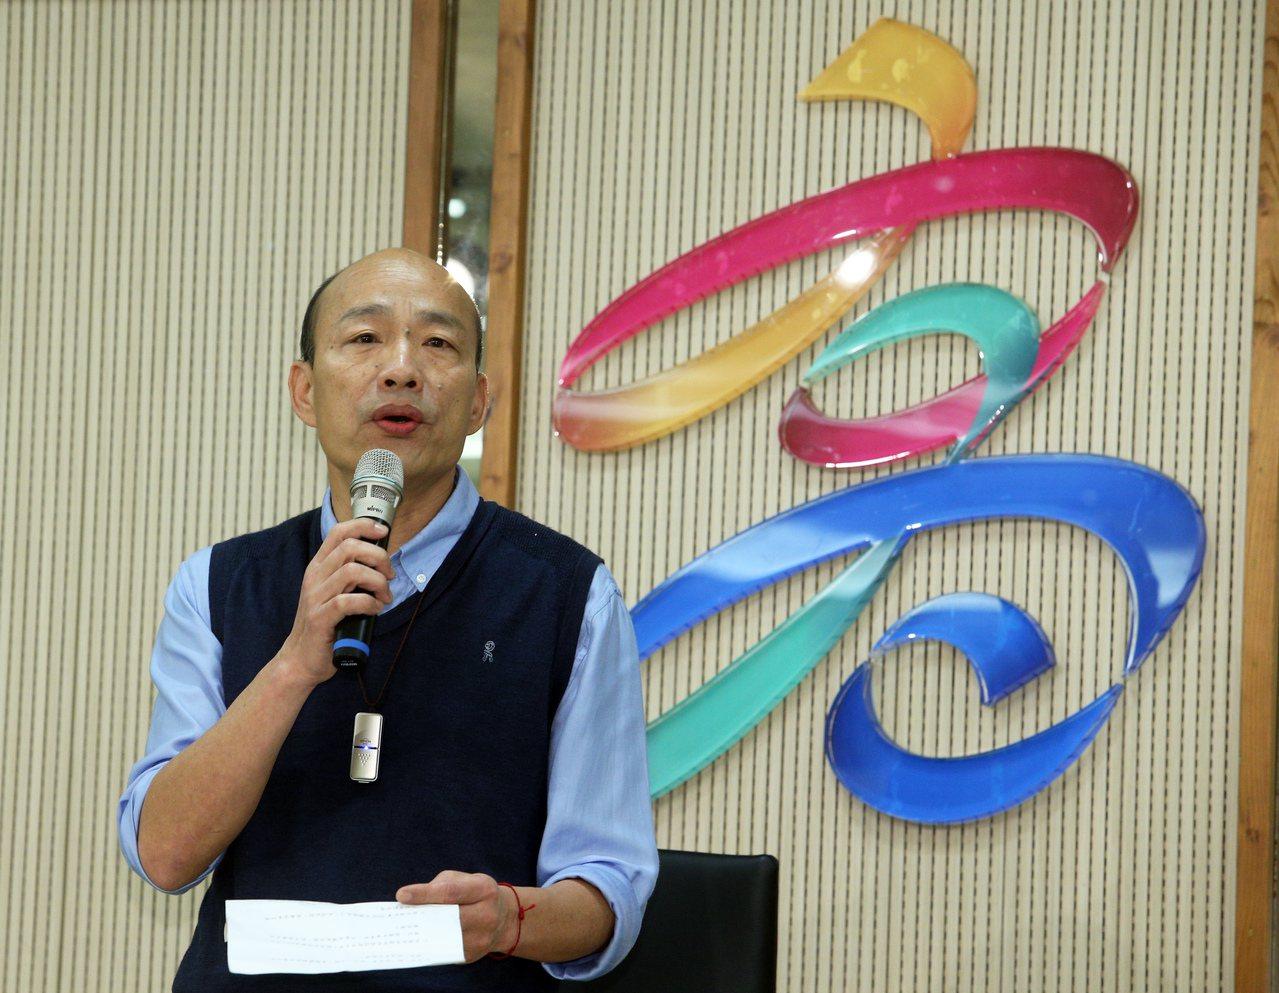 國民黨總統參選人韓國瑜公布首波國政顧問團成員。 聯合報資料照片